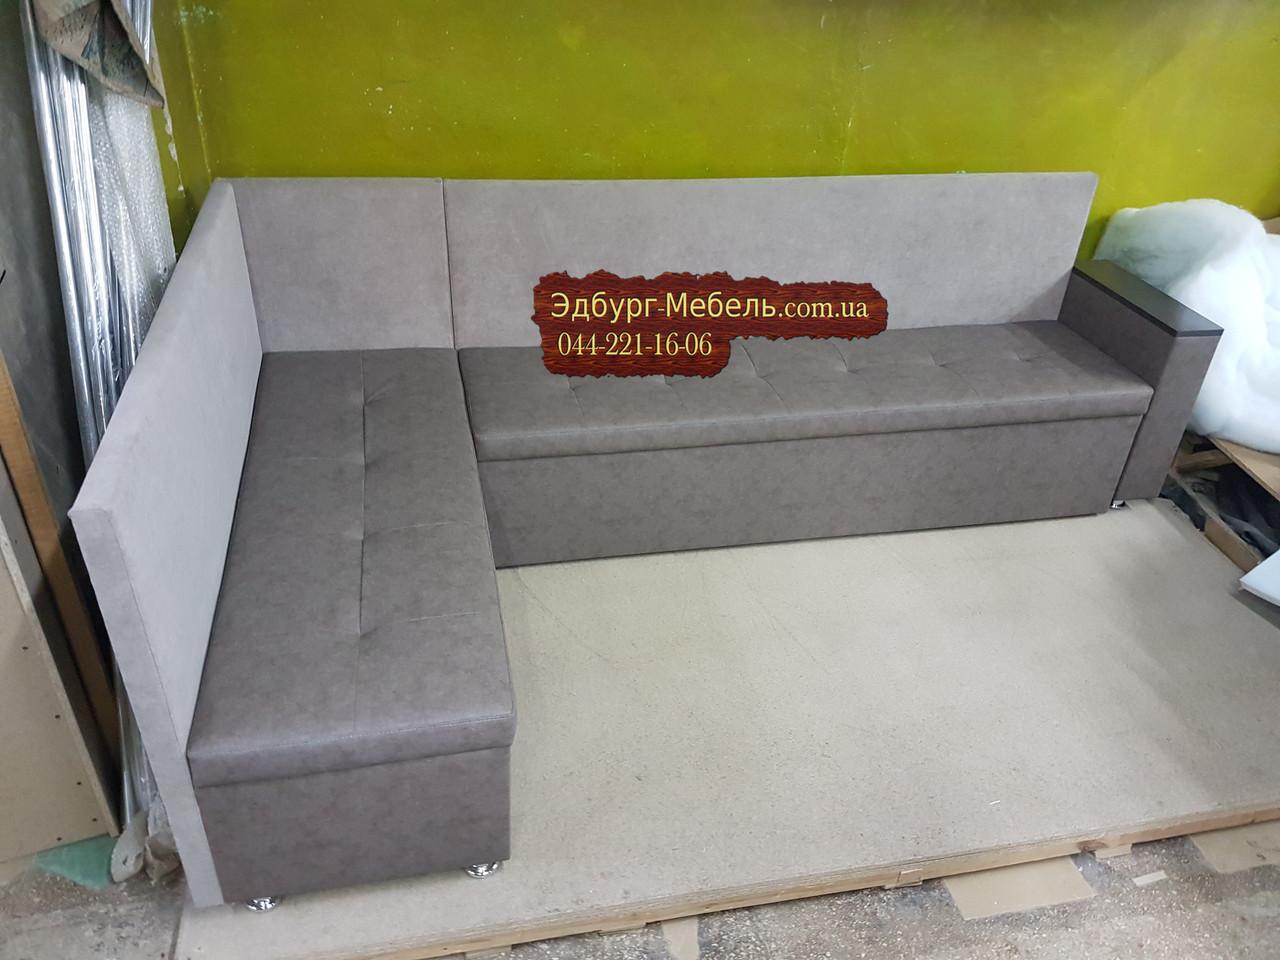 Диван угловой для узкой кухни с ящиком + спальным местом 1800х550х850мм